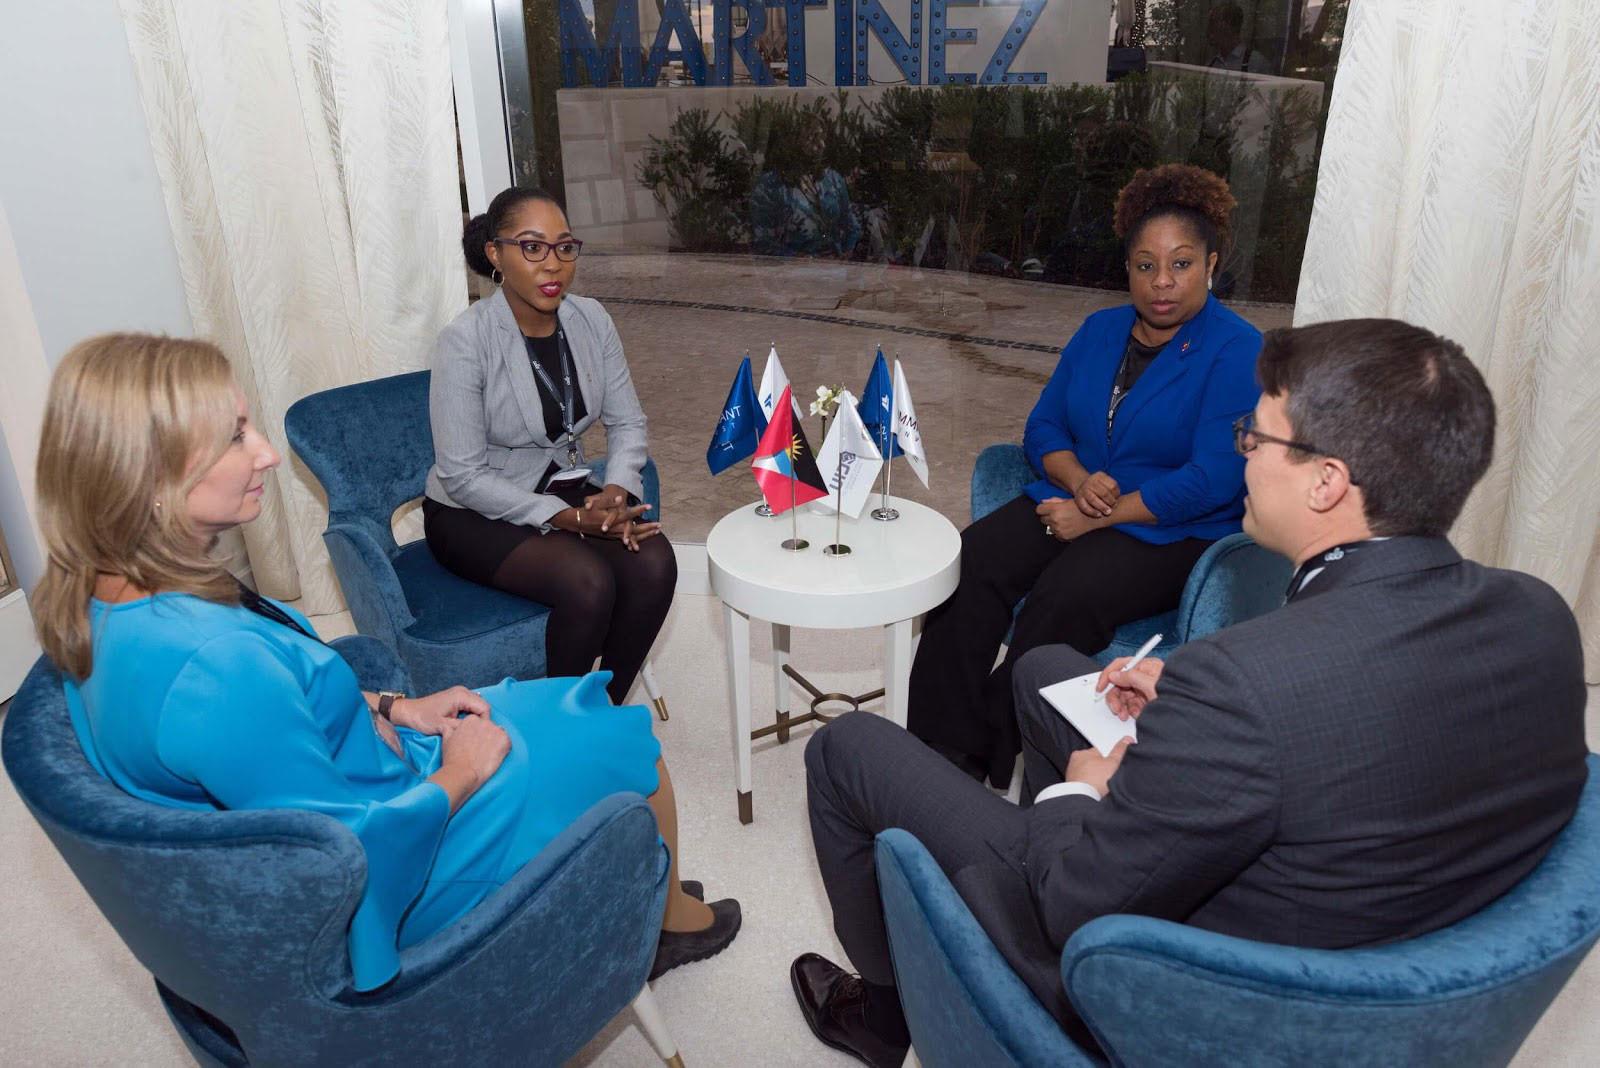 В ходе беседы были затронуты темы преимуществ государственной программы Антигуа и Барбуды, её перспективы, нюансы и рекомендации инвесторам. Фото: © immigrantinvest.com